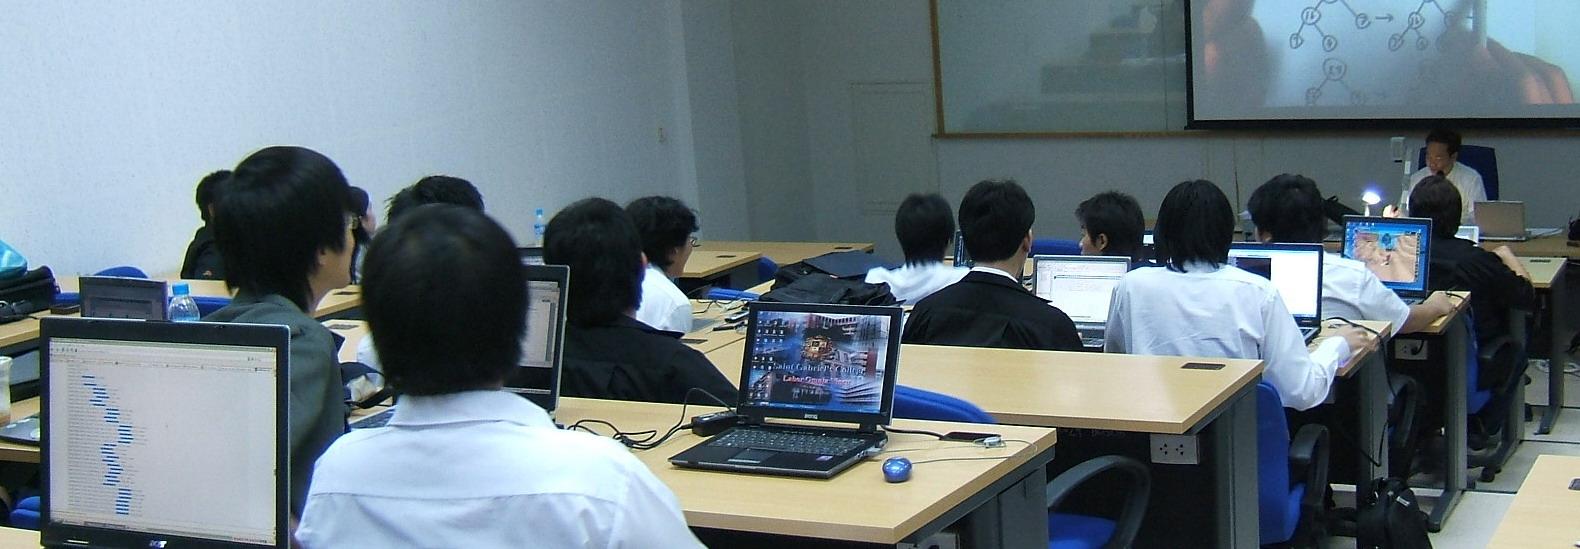 """รับสมัครคัดเลือกบุคคลเข้าเป็นอาจารย์ สังกัดภาควิชาวิศวกรรมคอมพิวเตอร์ """"สาขาวิศวกรรมซอฟต์แวร์และความรู้"""""""